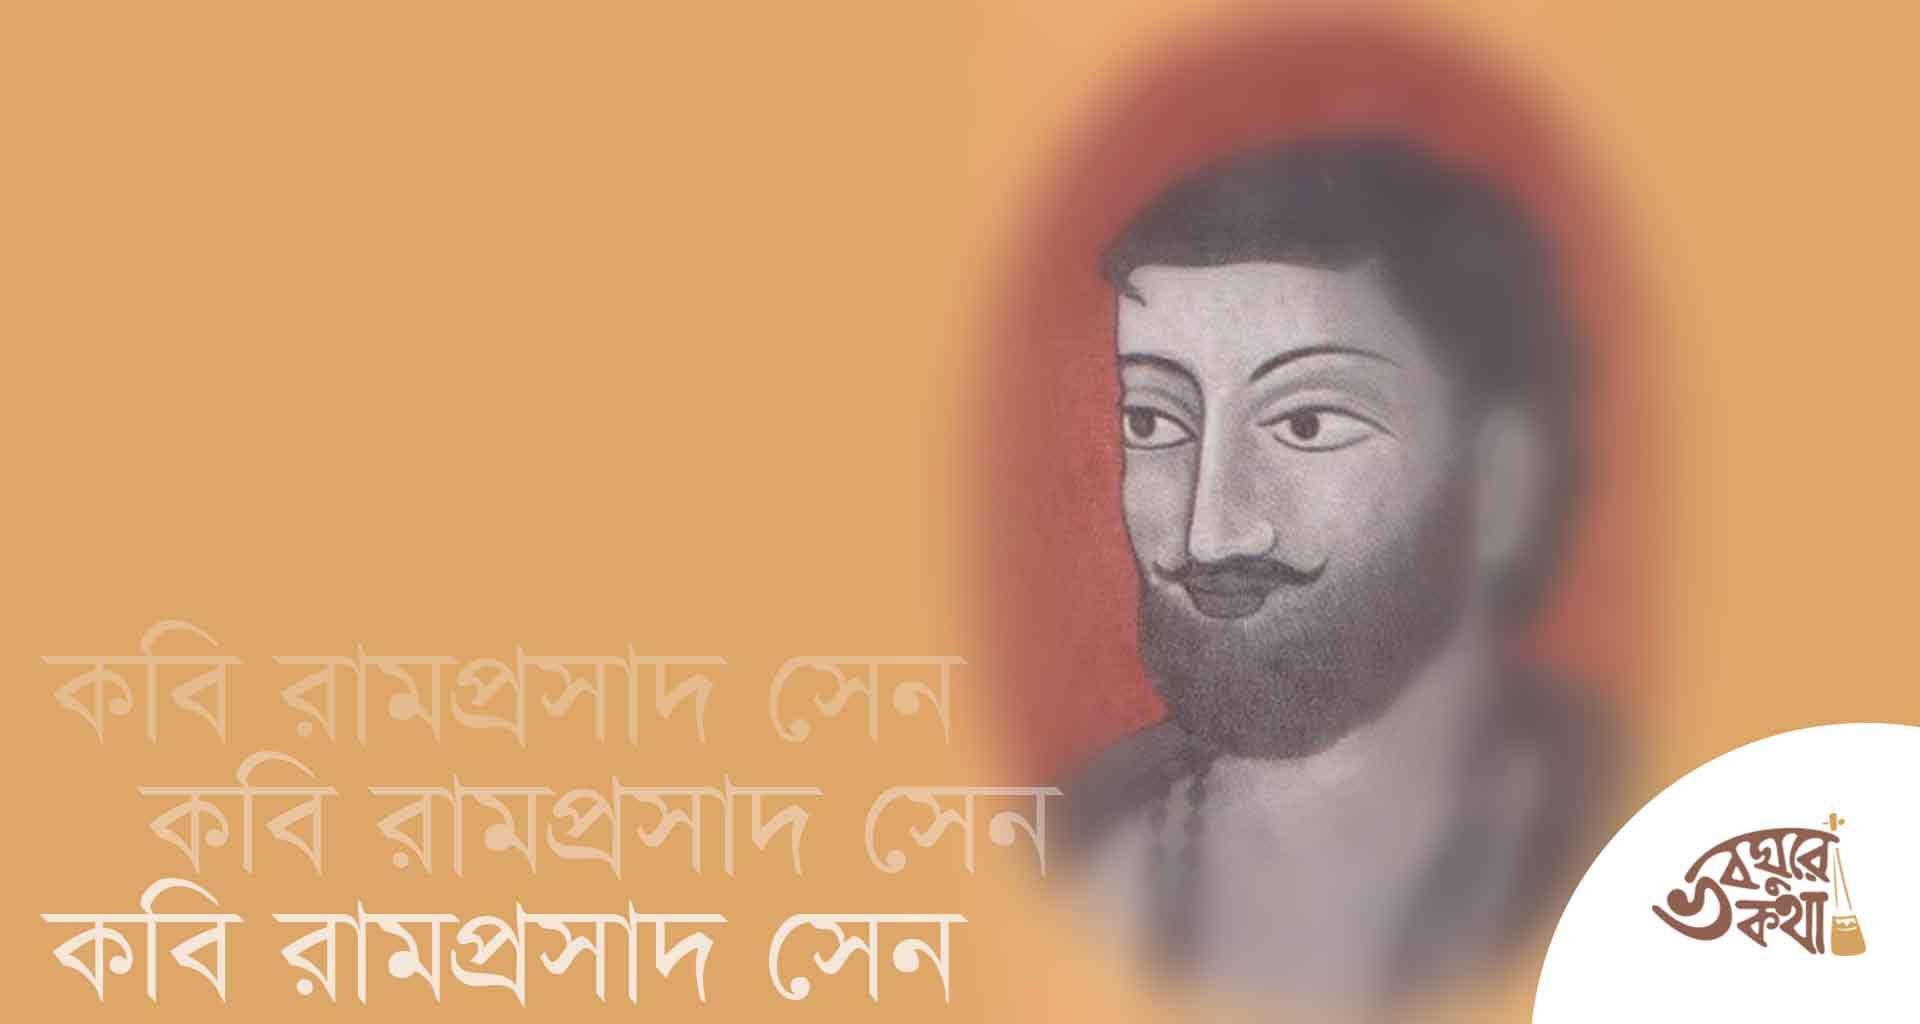 সাধক কবি রামপ্রসাদ সেন